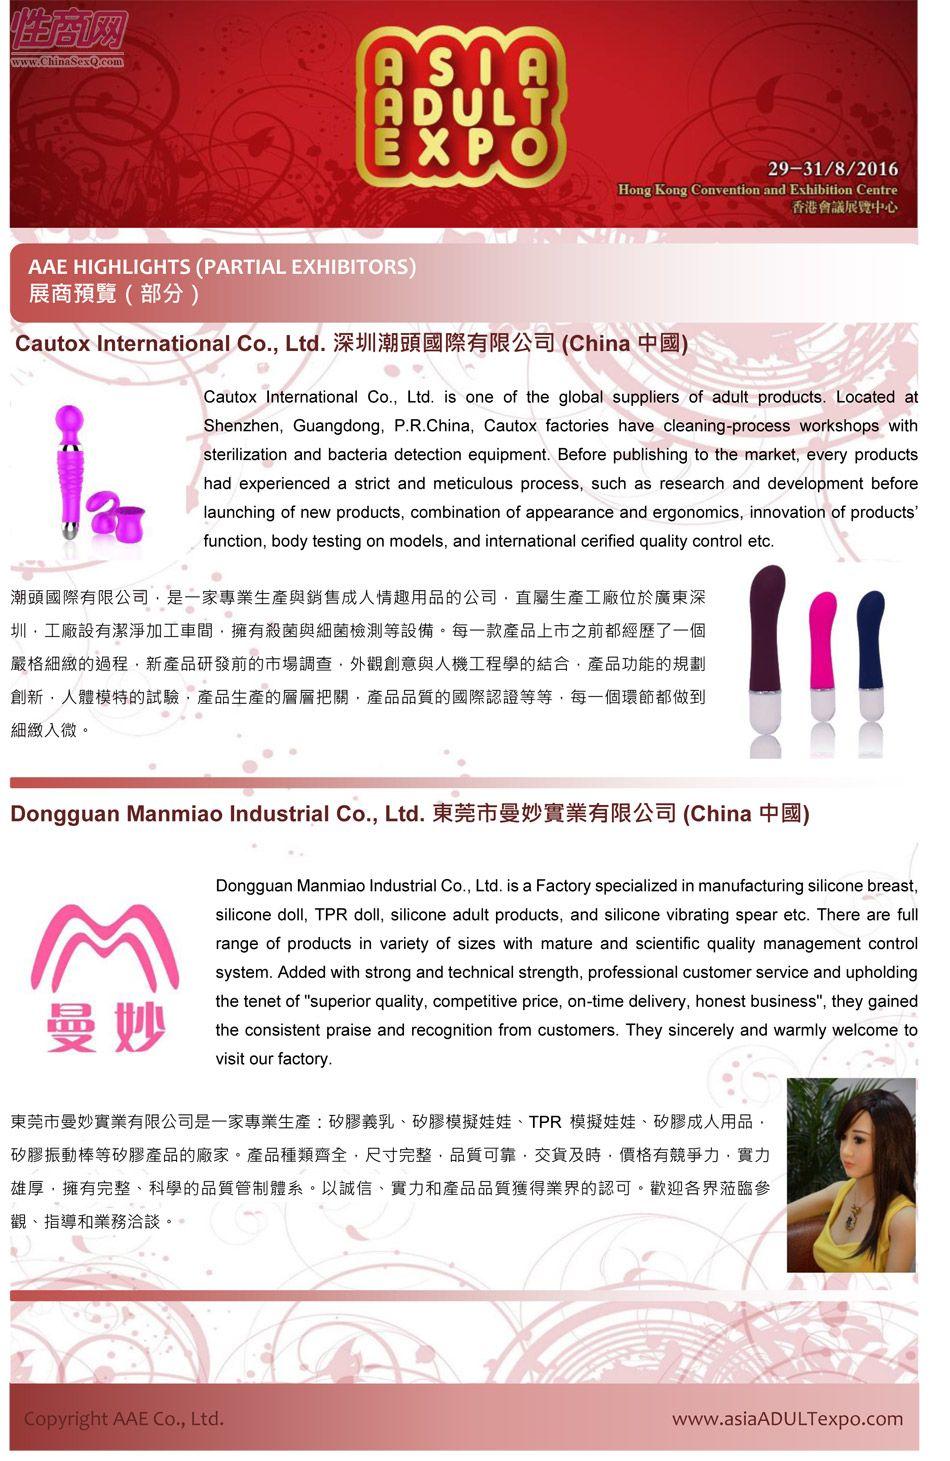 2016年亚洲成人博览AAE(香港)参展企业图片11